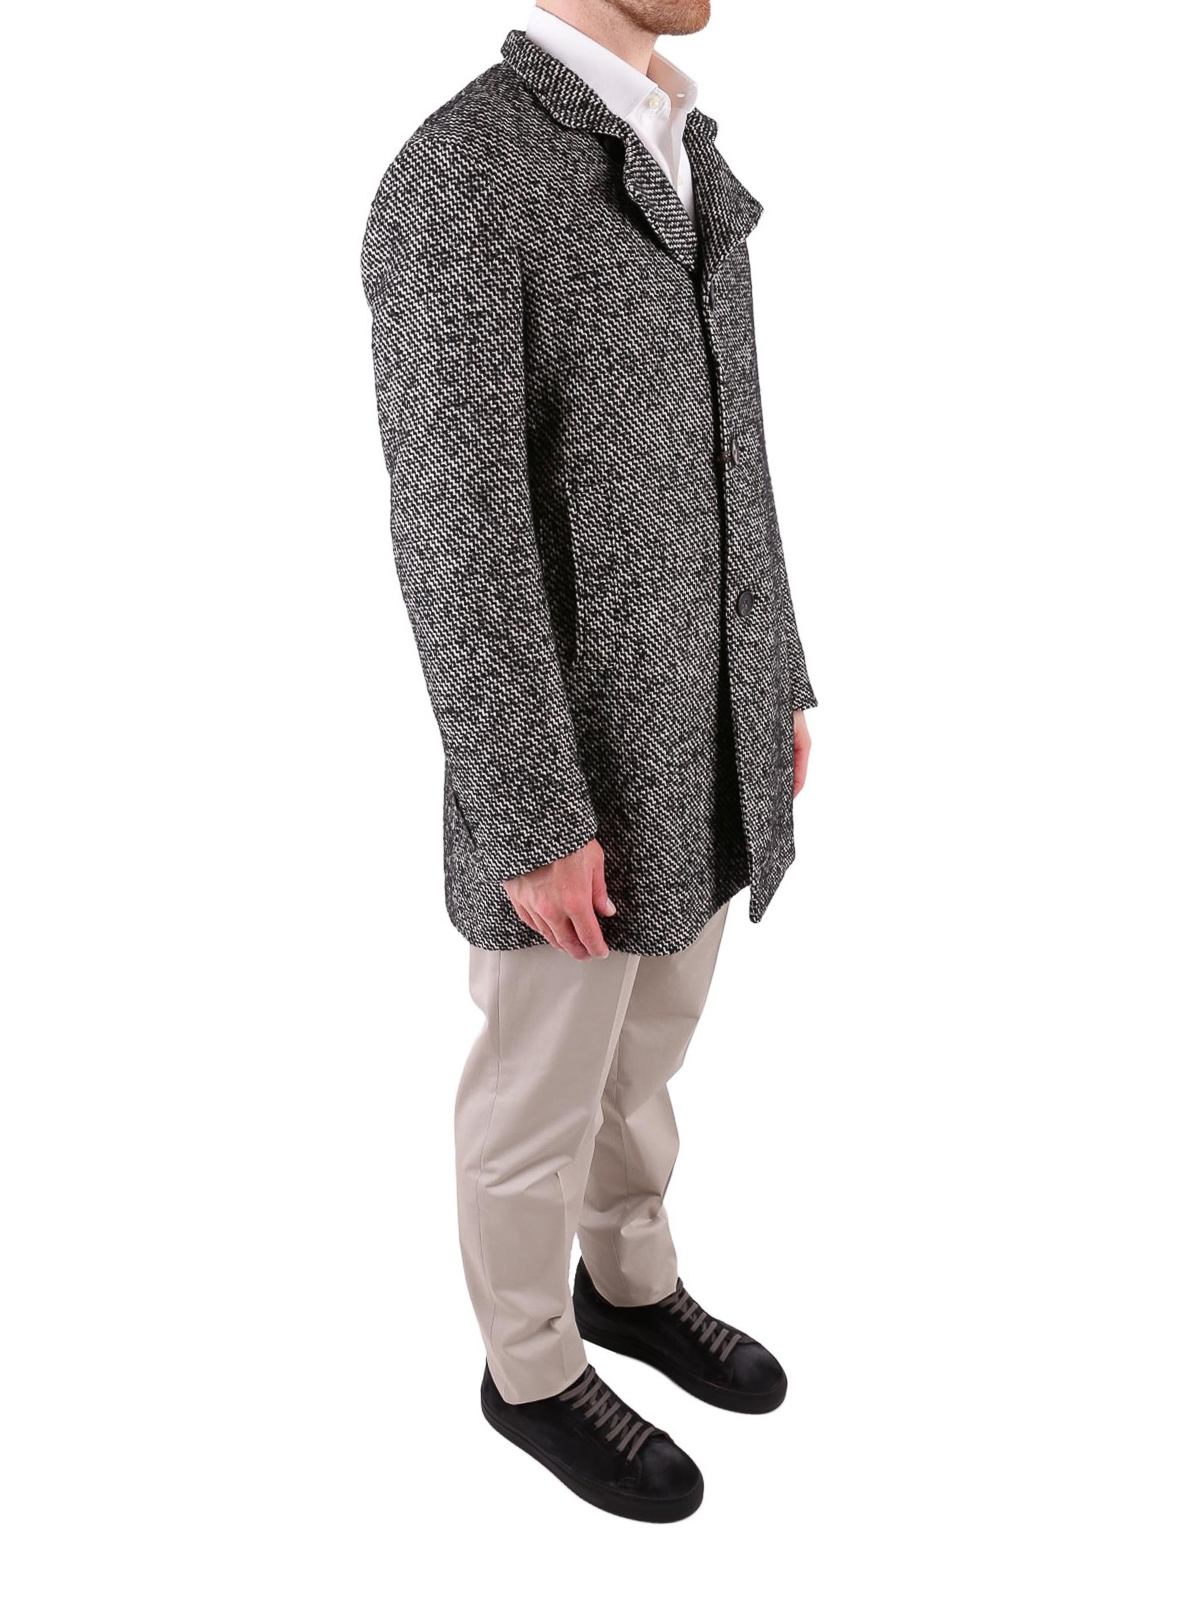 promo code 780ac a0874 Tagliatore - Cappotto in misto lana bianco e nero - cappotti ...